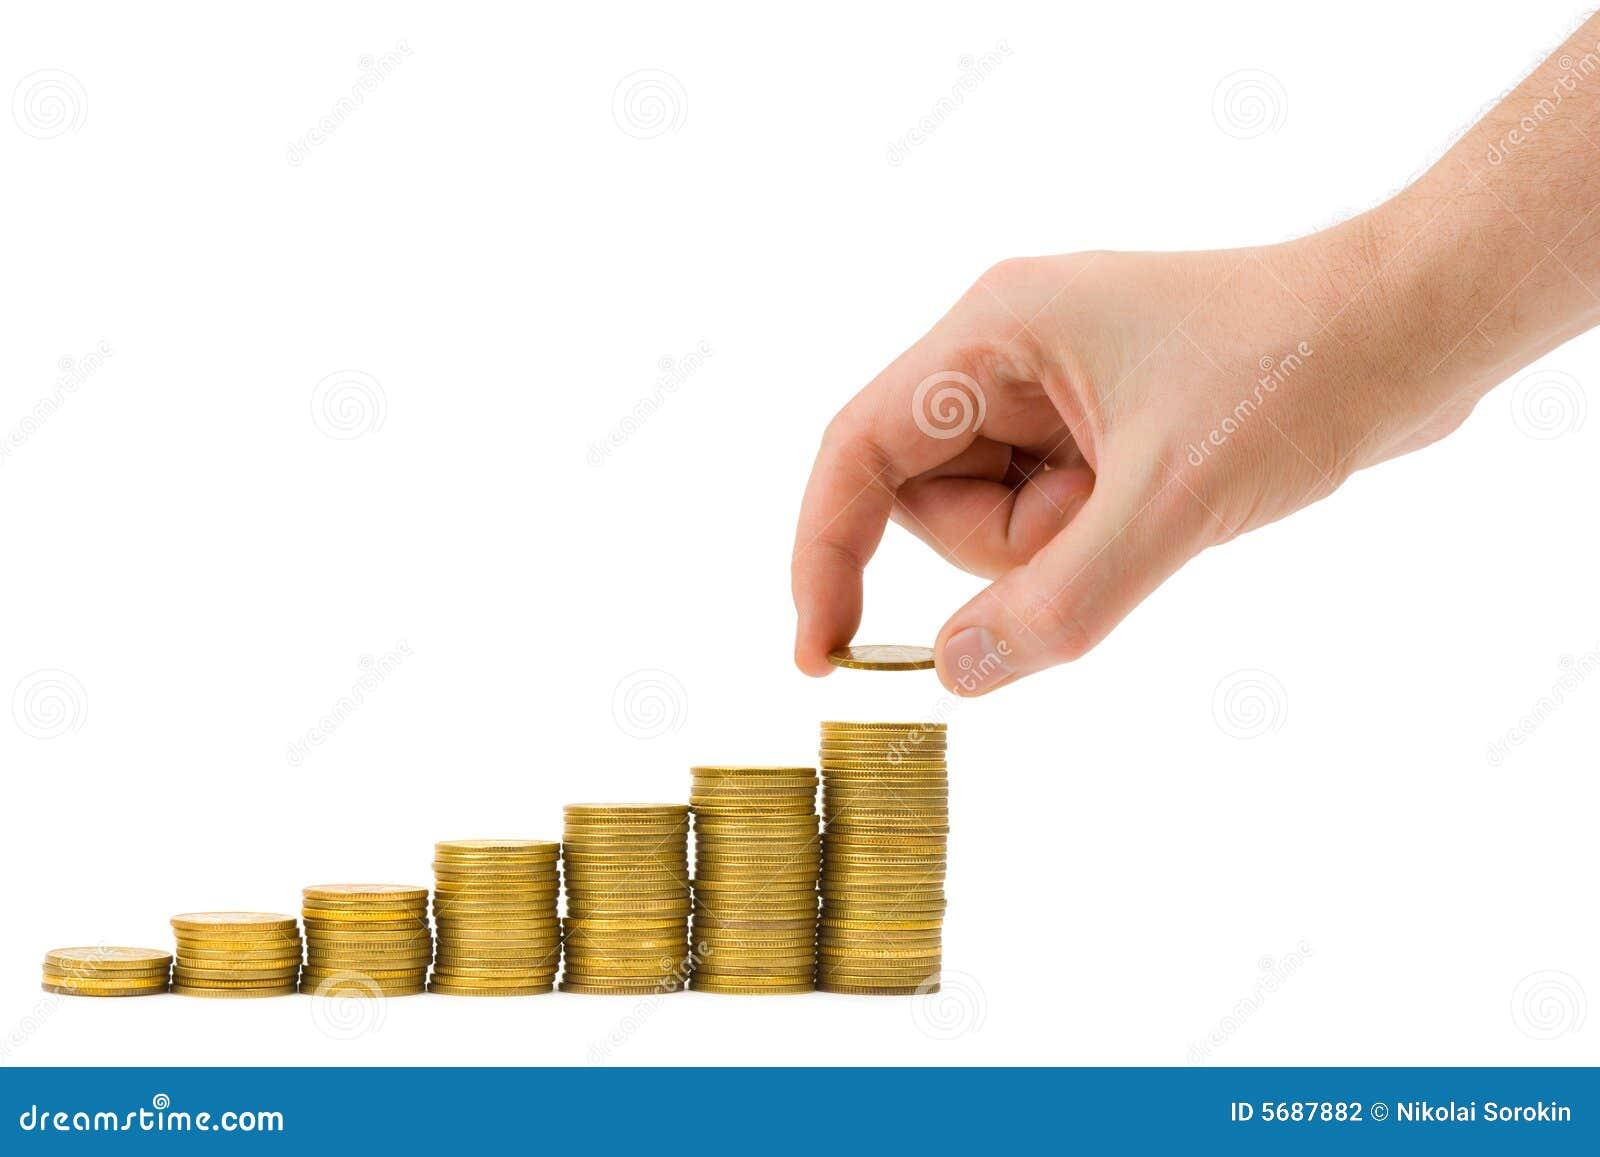 Połóż rękę monet pieniędzy po schodach